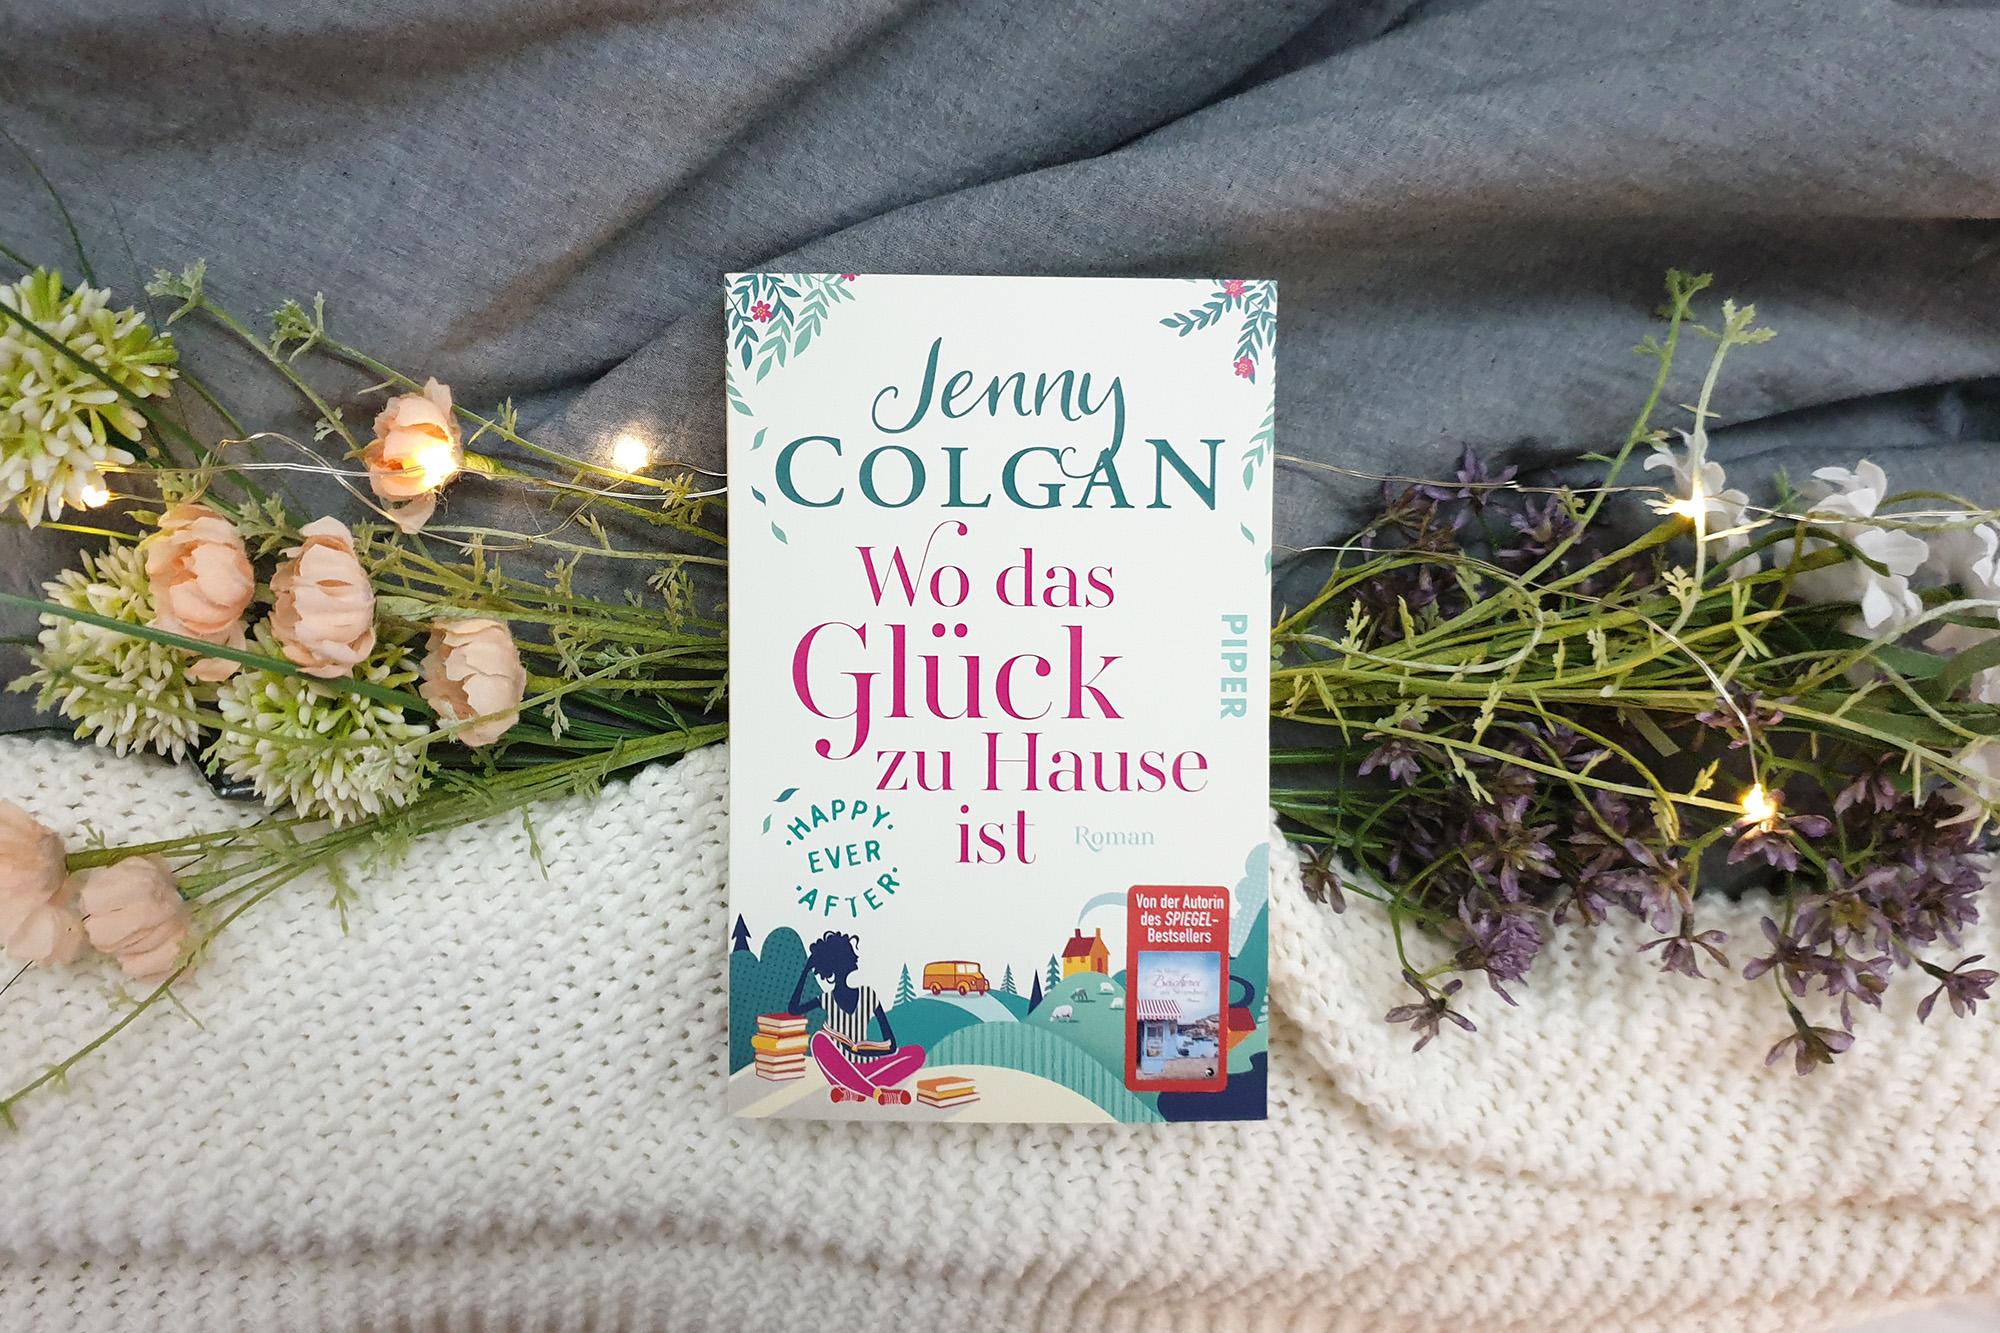 Jenny Colgan: Happy Ever After - Wo das Glück zu Hause ist